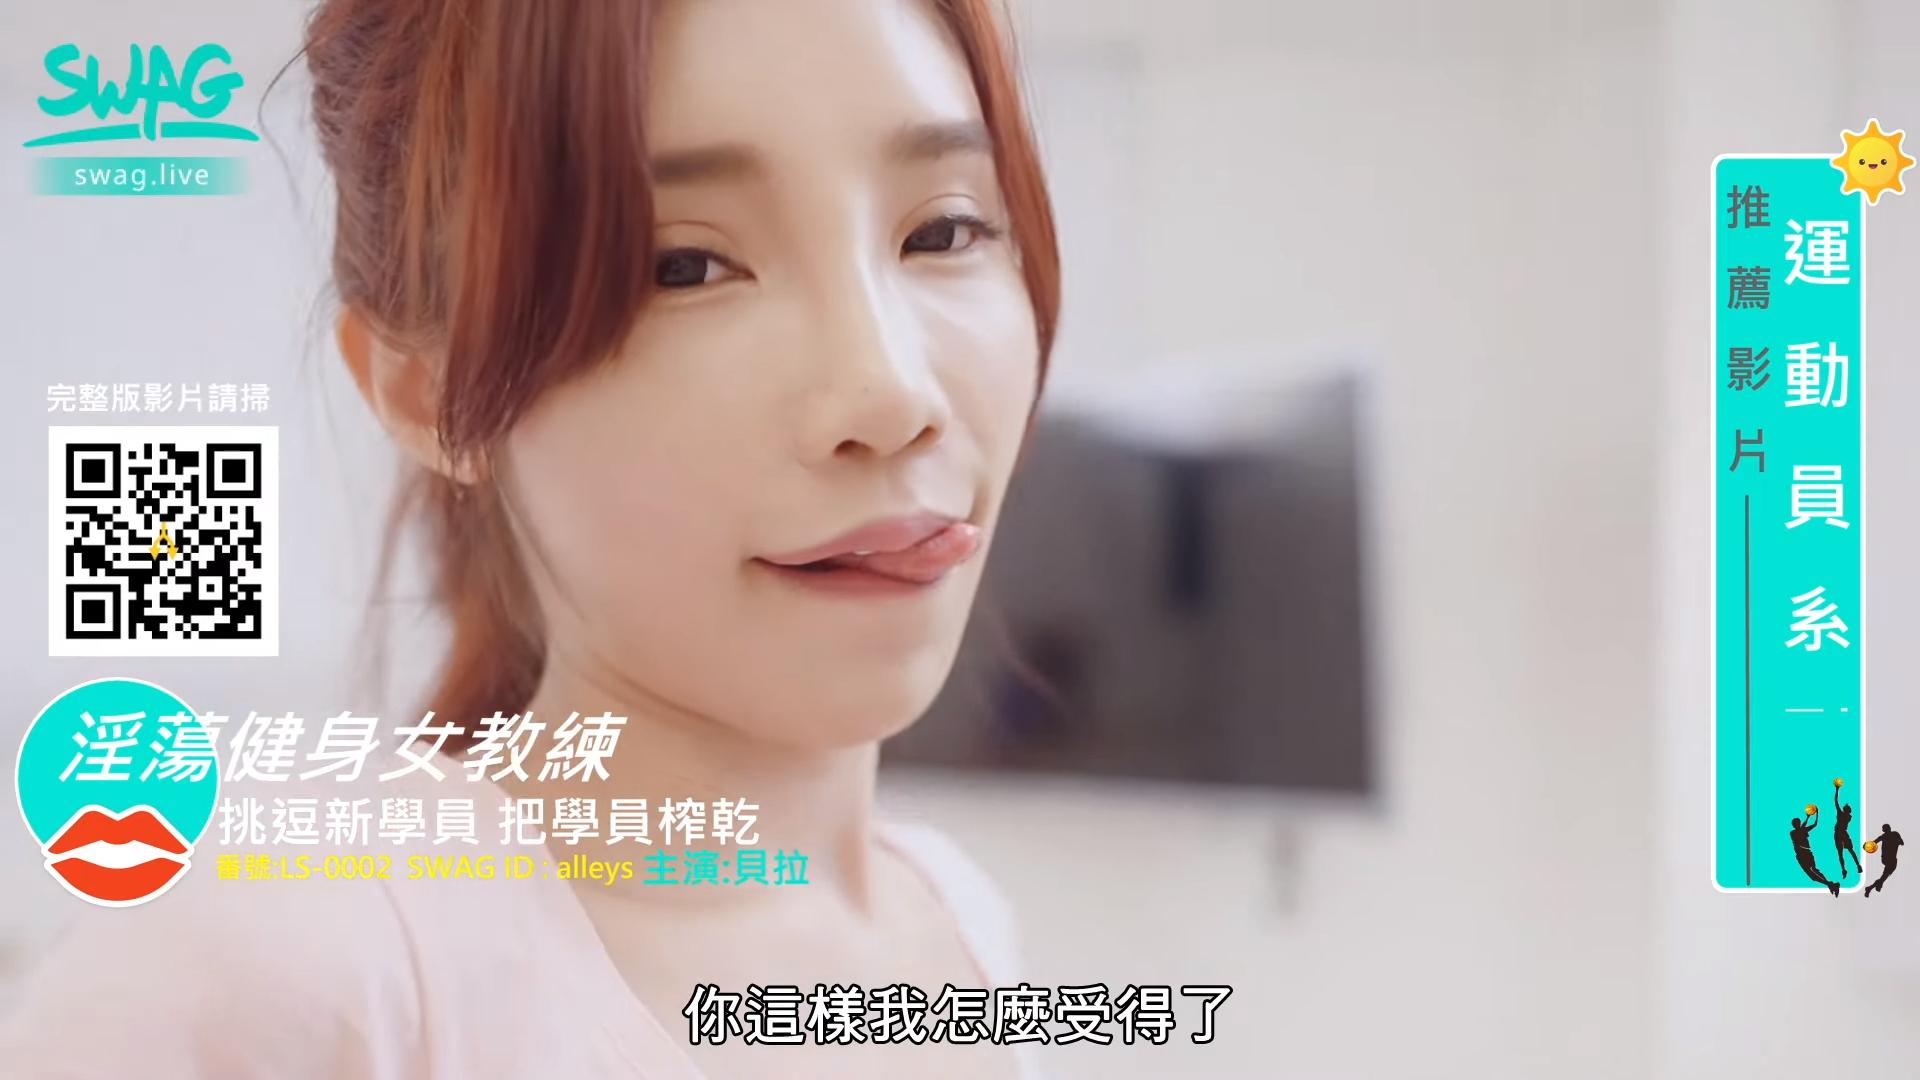 【素人】台灣SWAG推薦《3部運動員系列》啦啦隊員與籃球隊長的鹹濕約定!